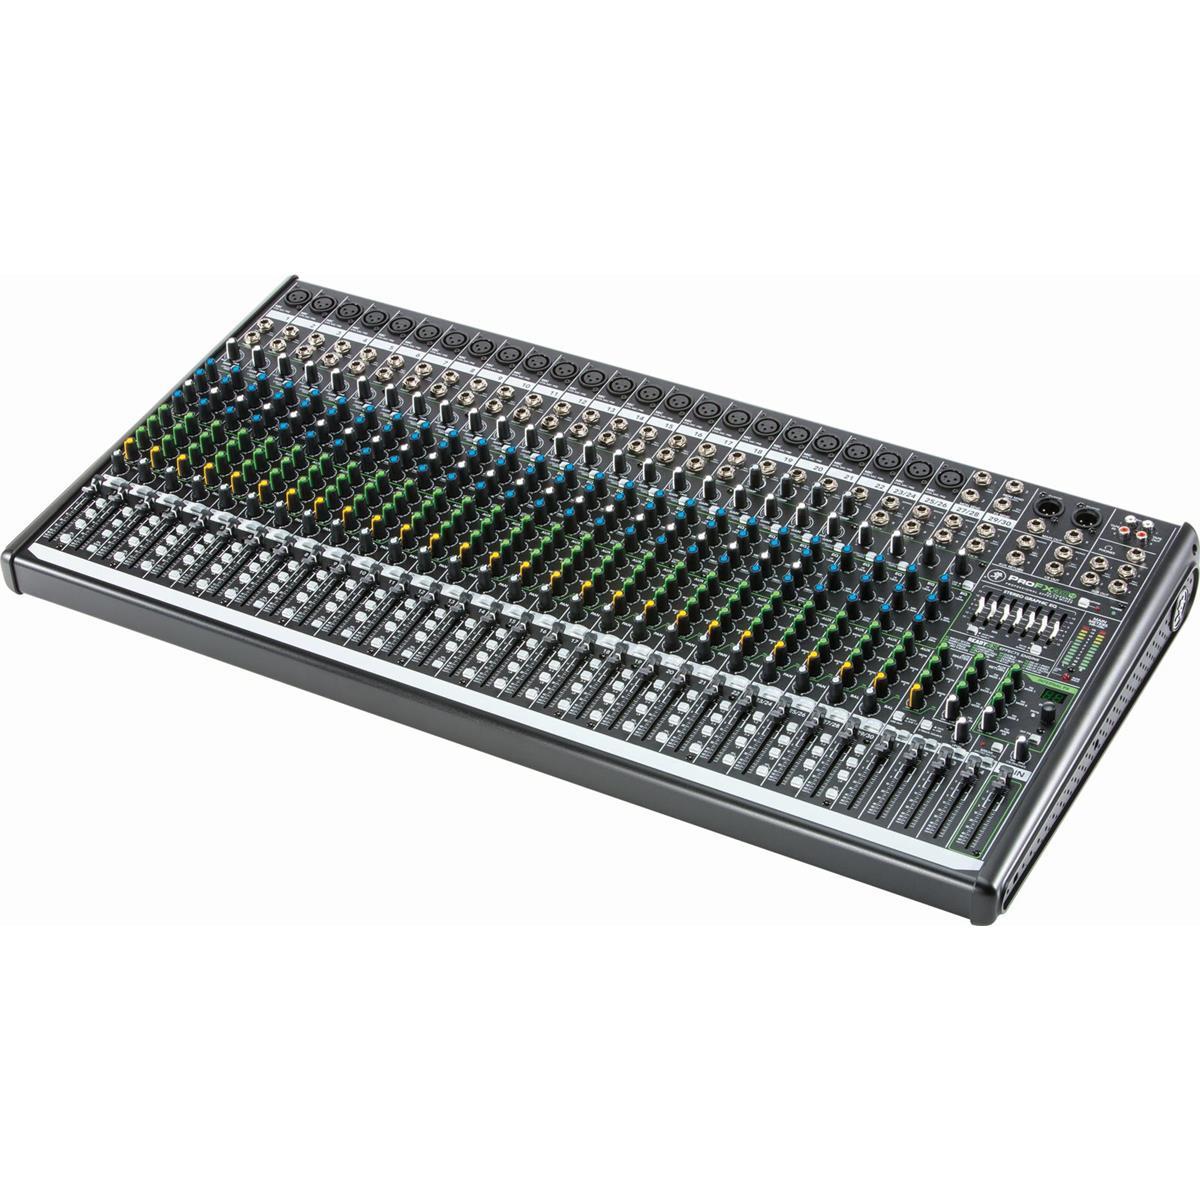 MACKIE PROFX 30 V2 MIXER